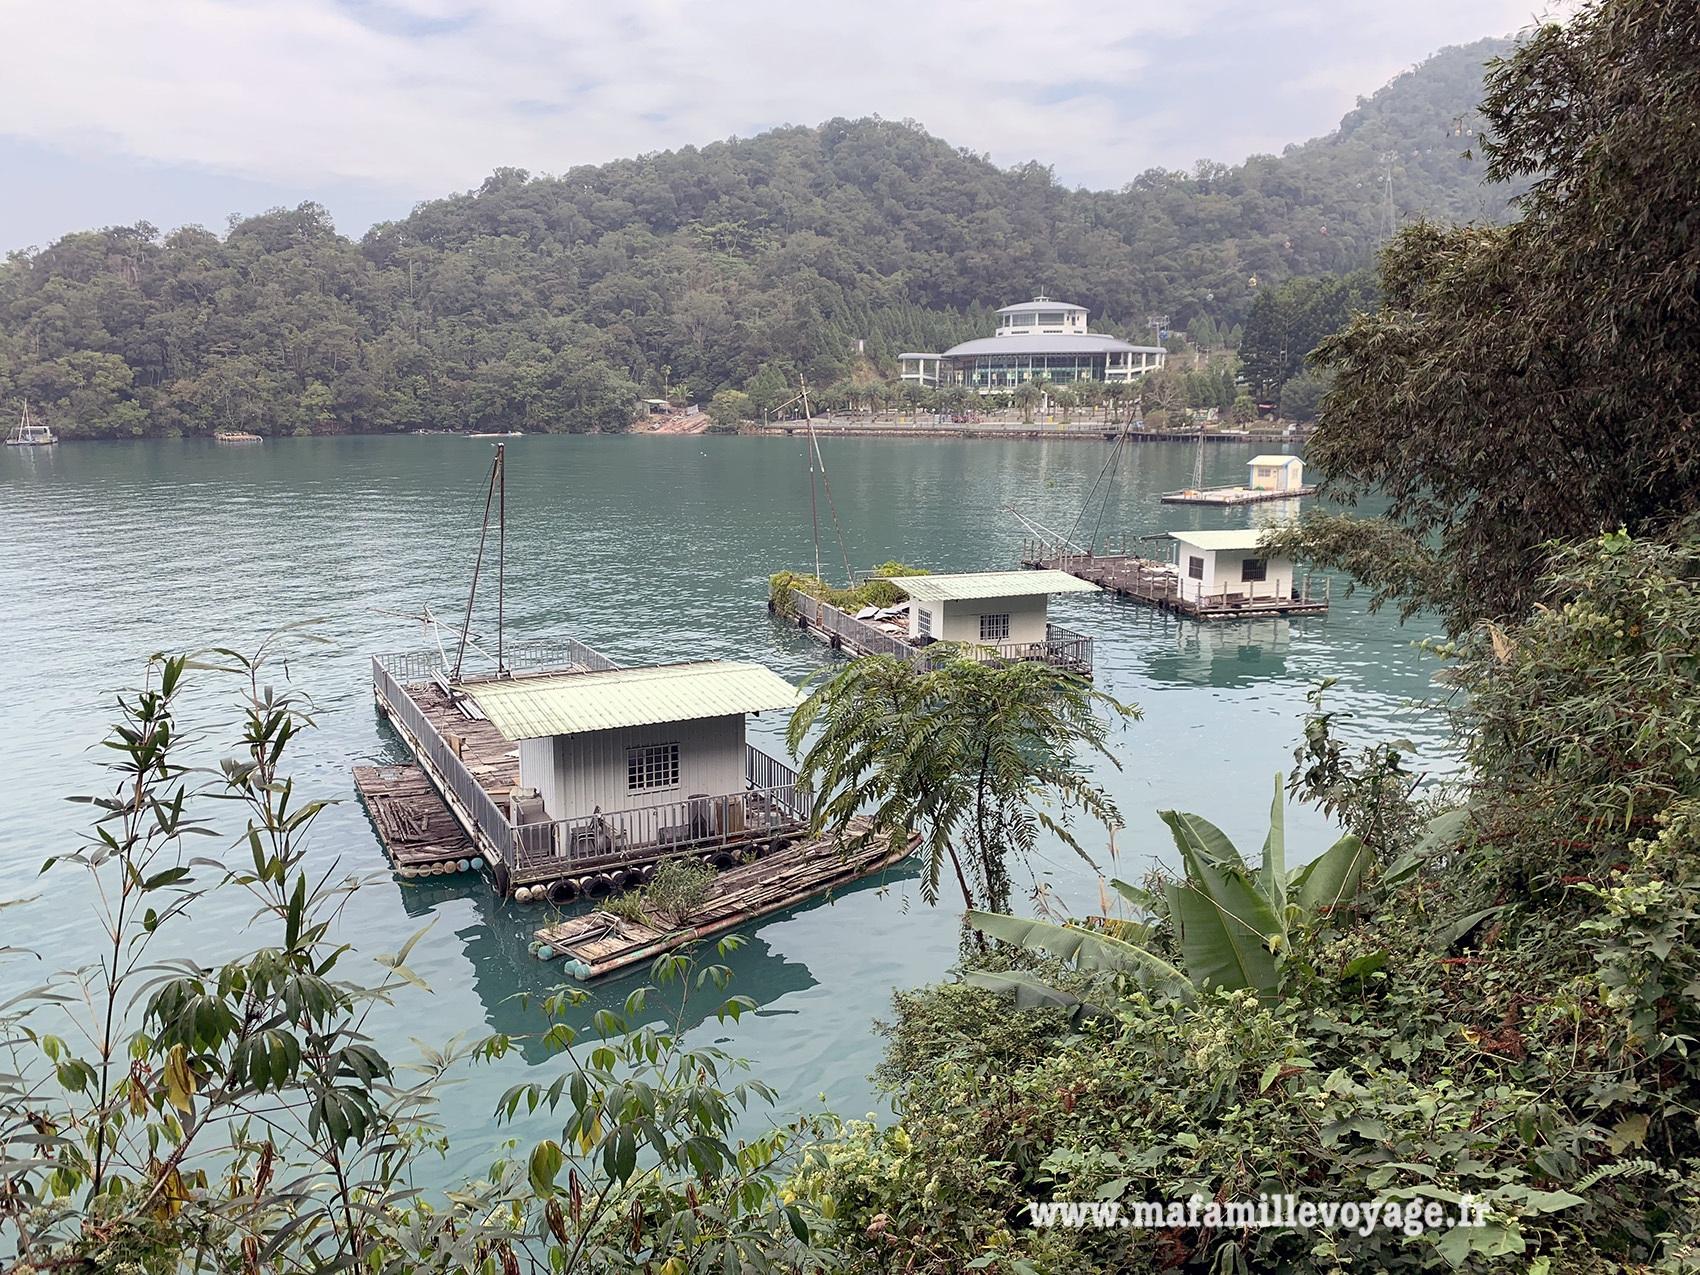 Cabanes de pêcheurs sur le lac